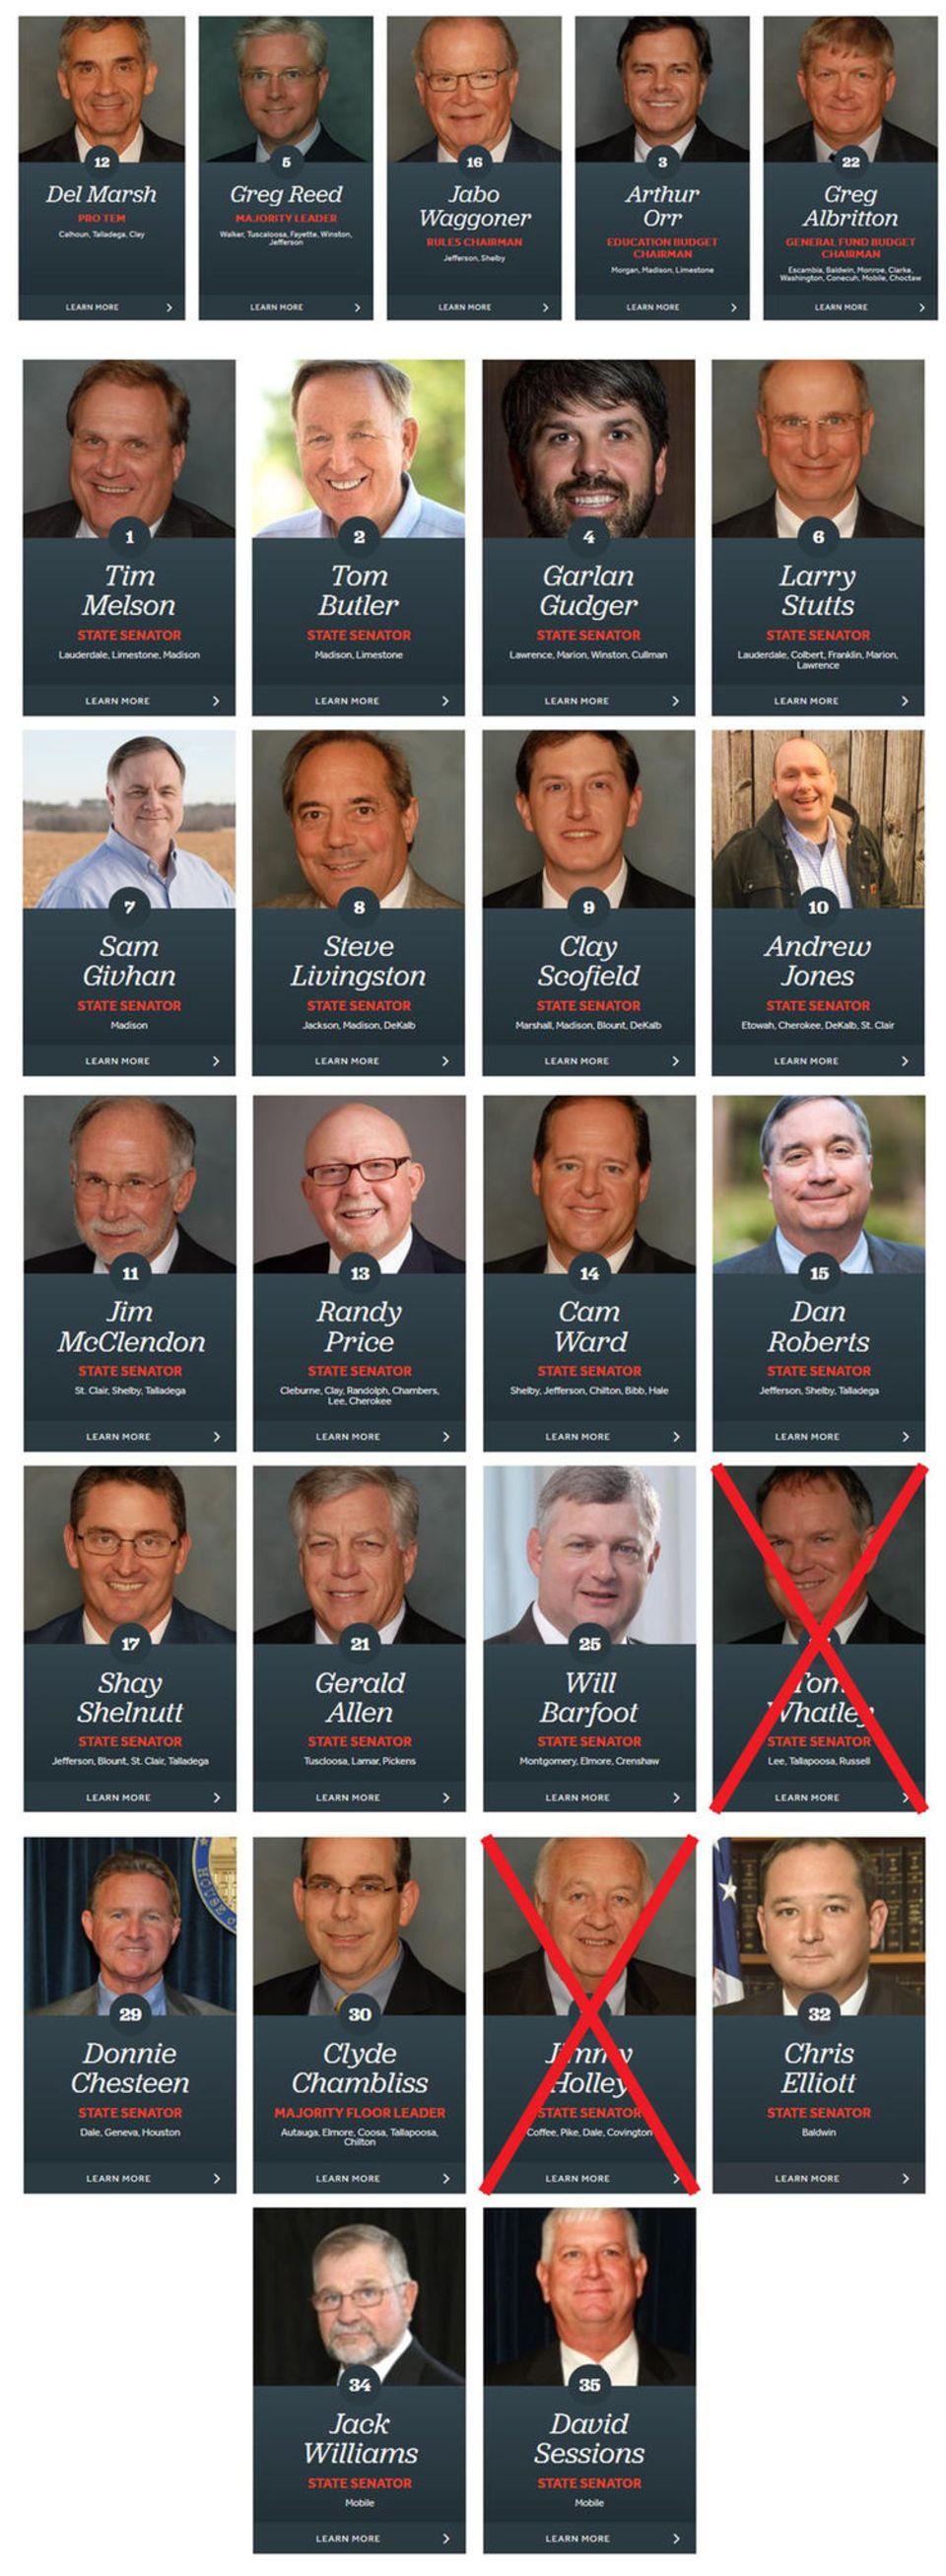 Neuregelung in Alabama: Fällt Ihnen etwas auf? Diese Politiker haben für das härteste Abtreibungsgesetz der USA gestimmt